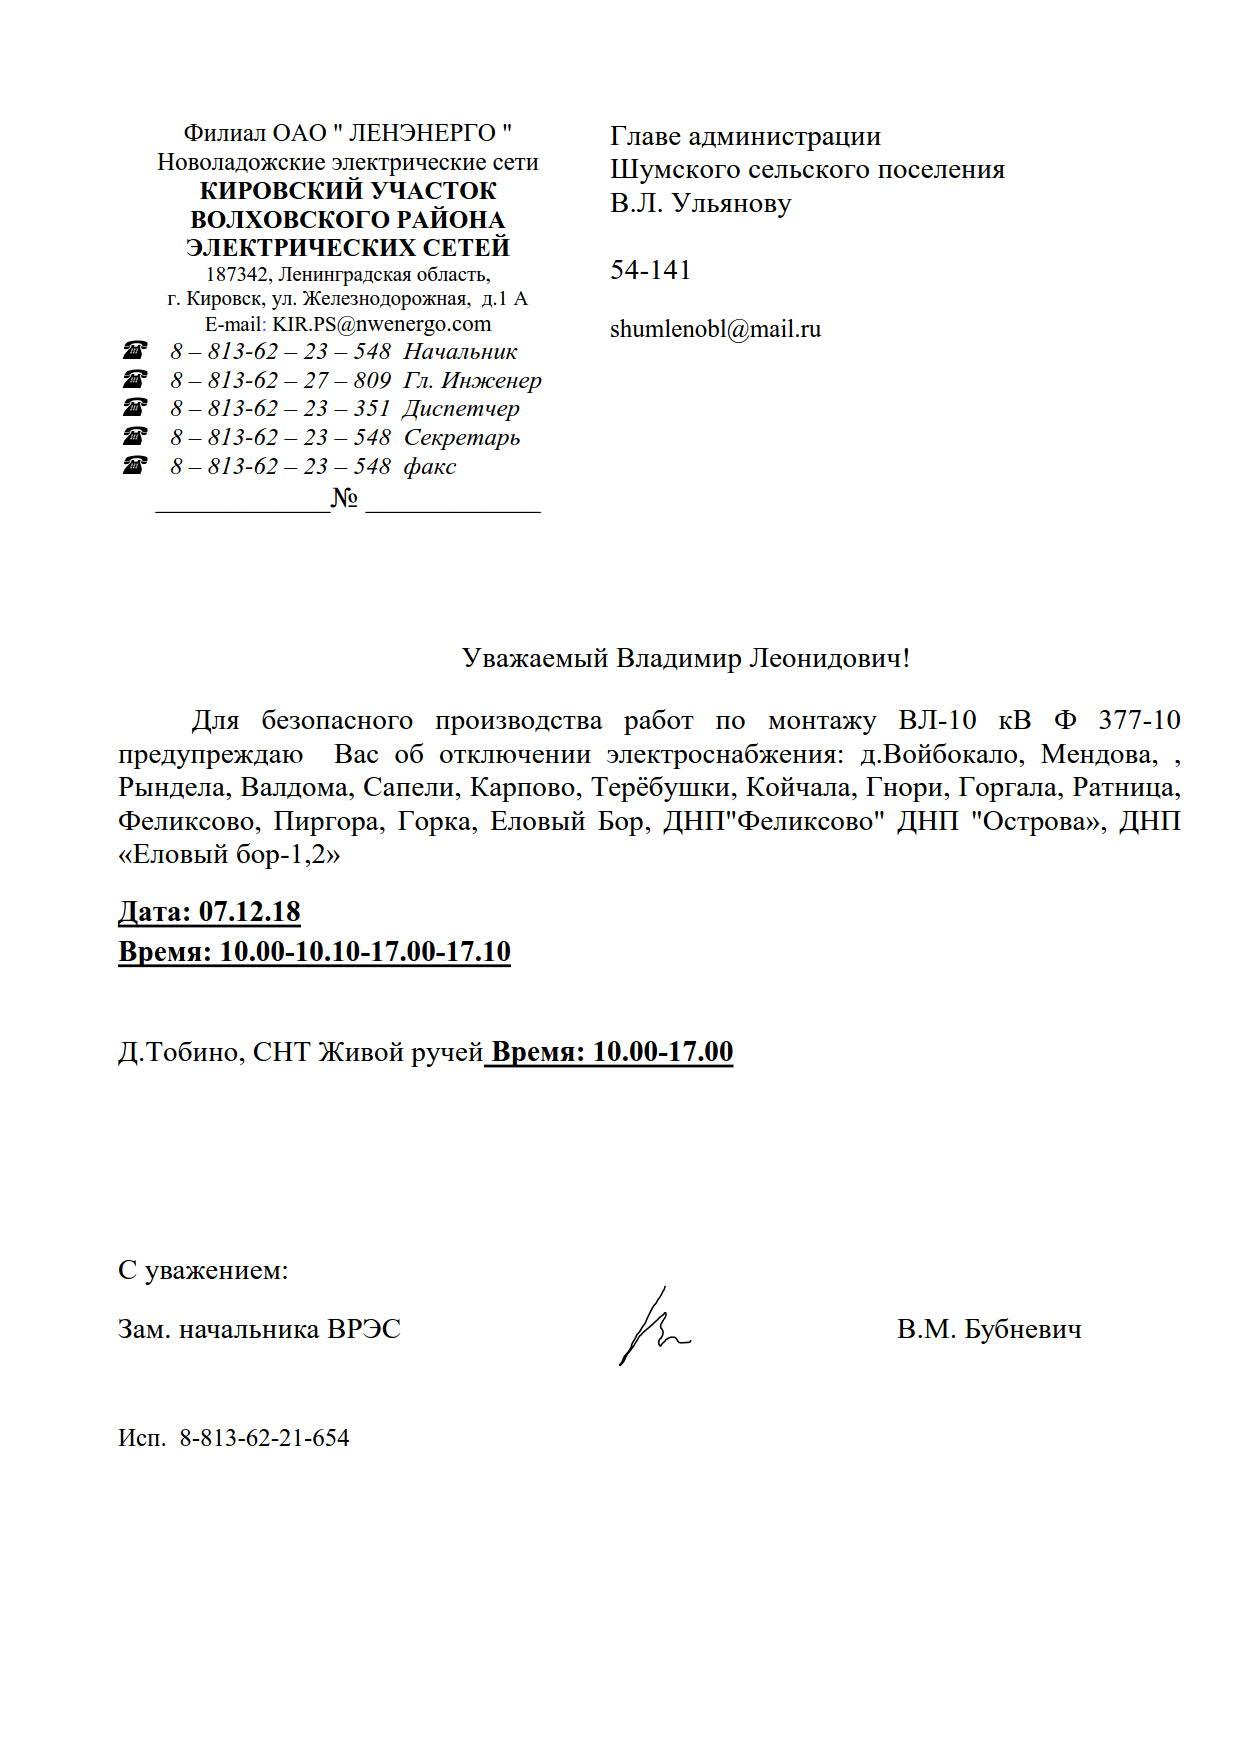 Шумская волость Ф 377-10 28.11.18_1